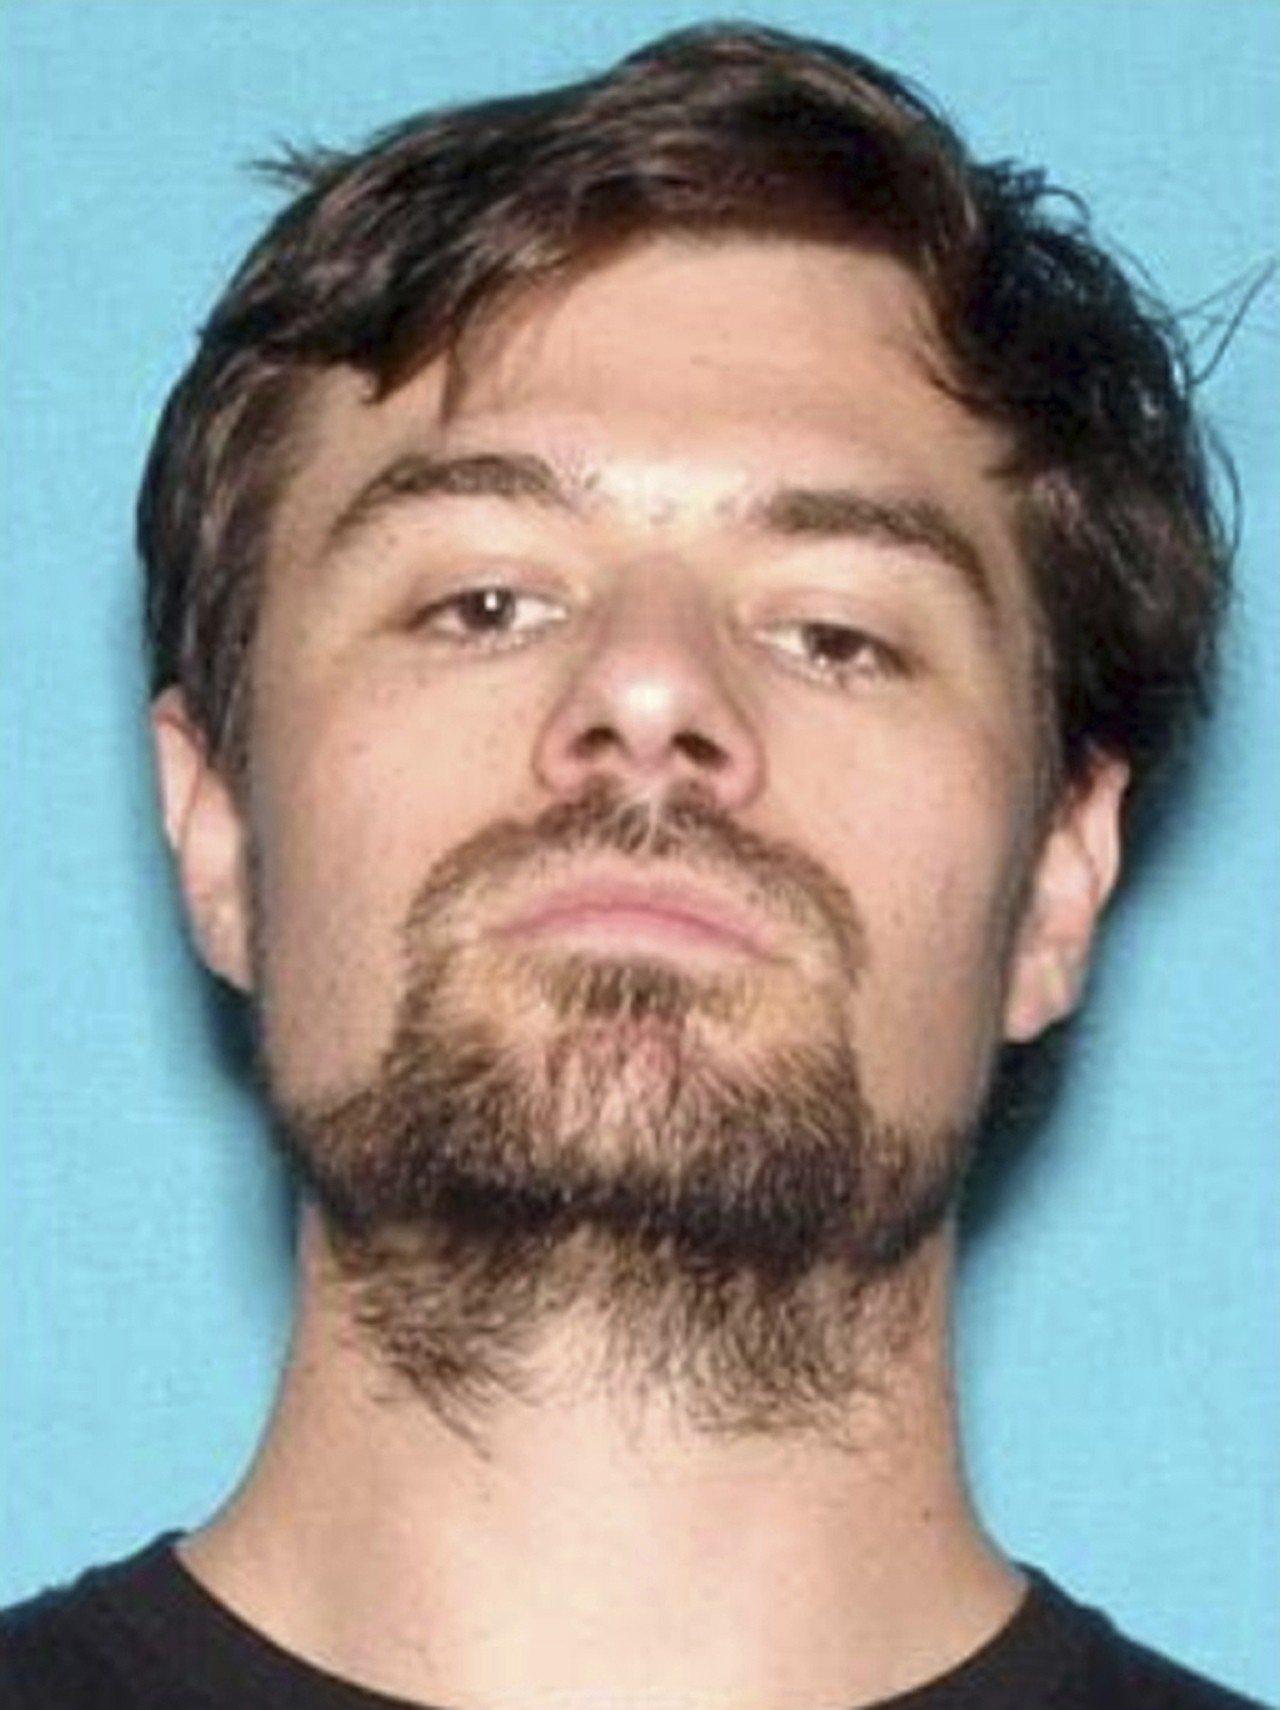 加州千橡鎮「邊界線酒吧與燒烤店」槍擊案凶嫌朗恩。 美聯社